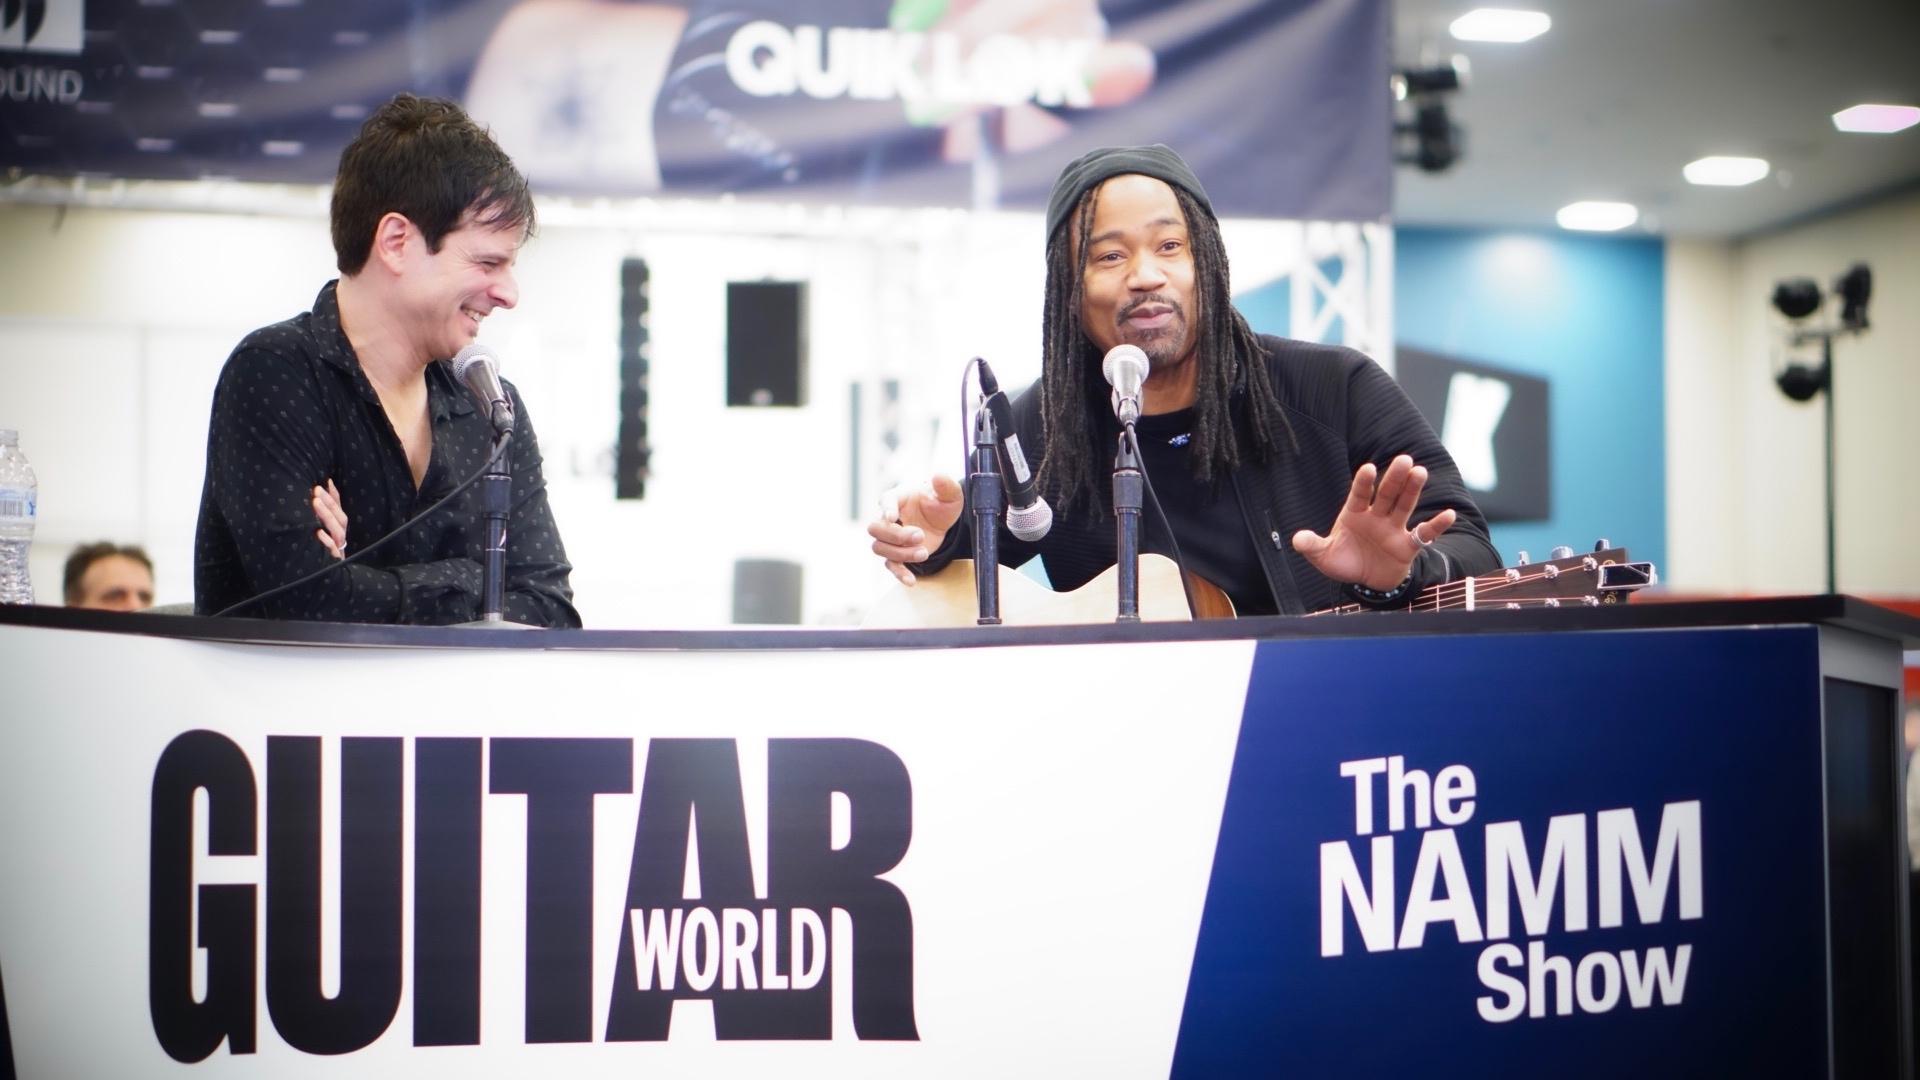 Guitar World interview